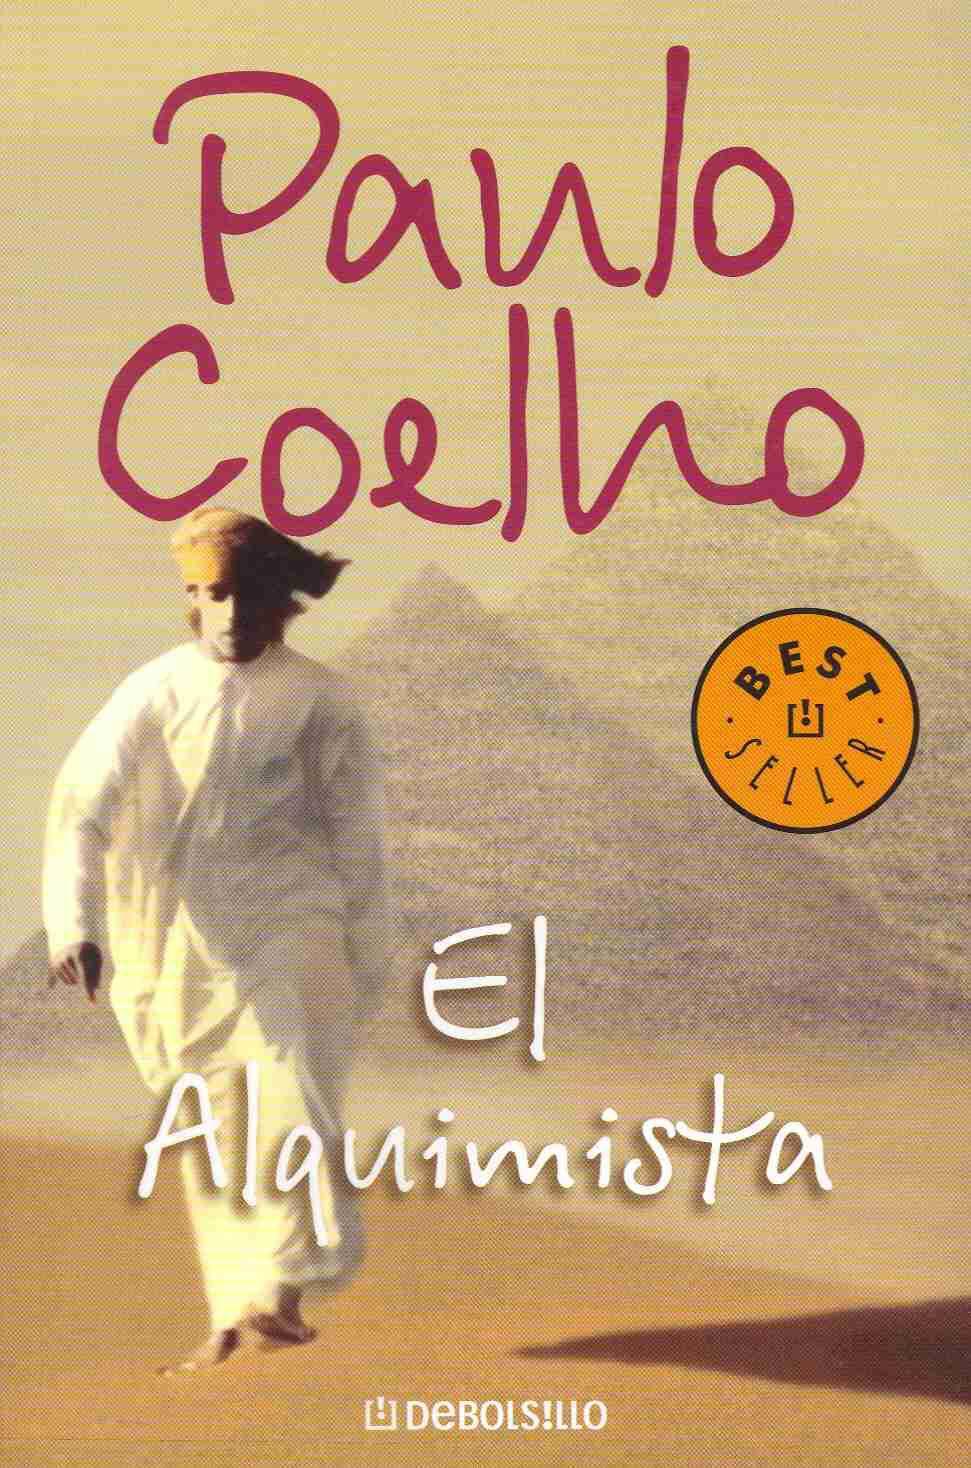 El Alquimista de Paulo Coelho Resumen entarios Libro de autoayuda